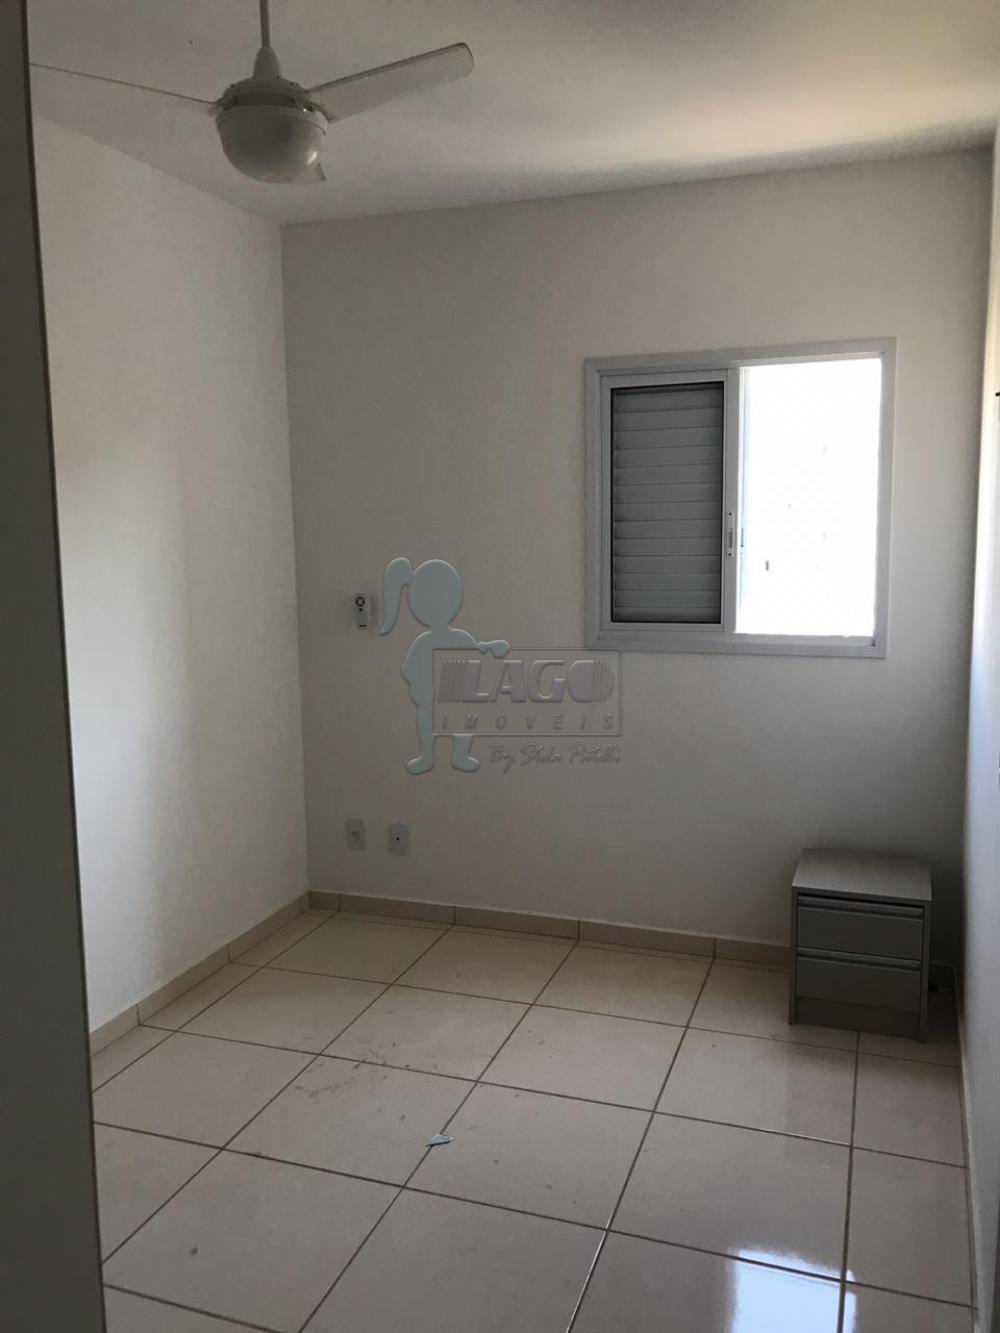 Comprar Apartamento / Padrão em Ribeirão Preto apenas R$ 190.000,00 - Foto 12